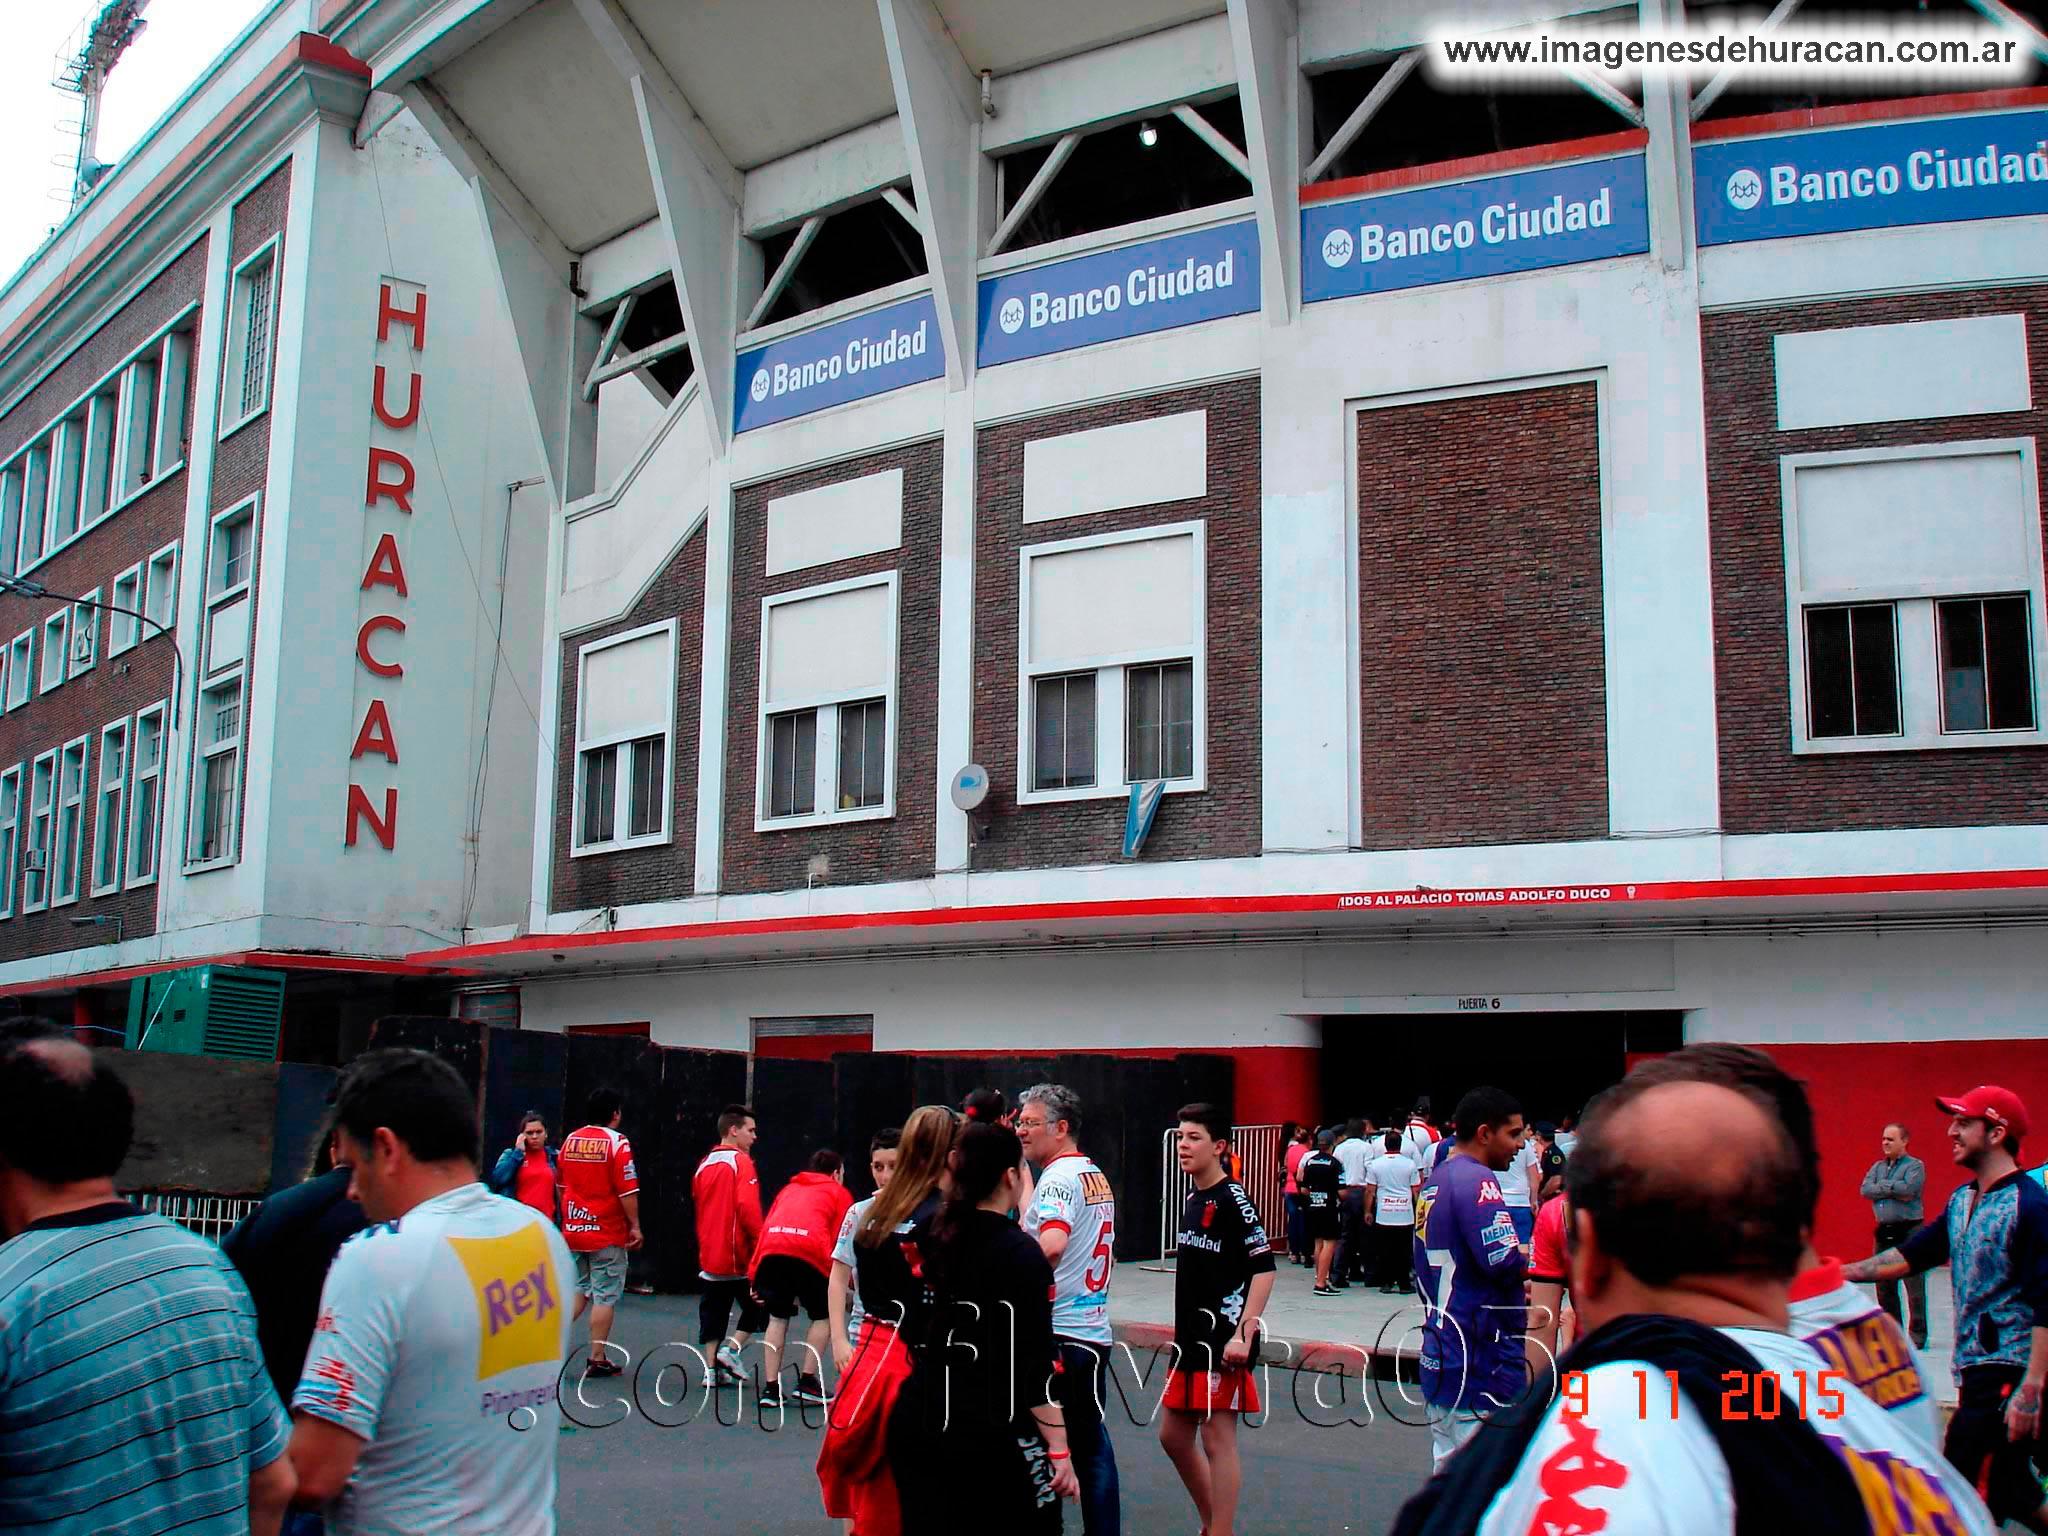 Huracán vs belgrano fecha 30 torneo de primera división 2015